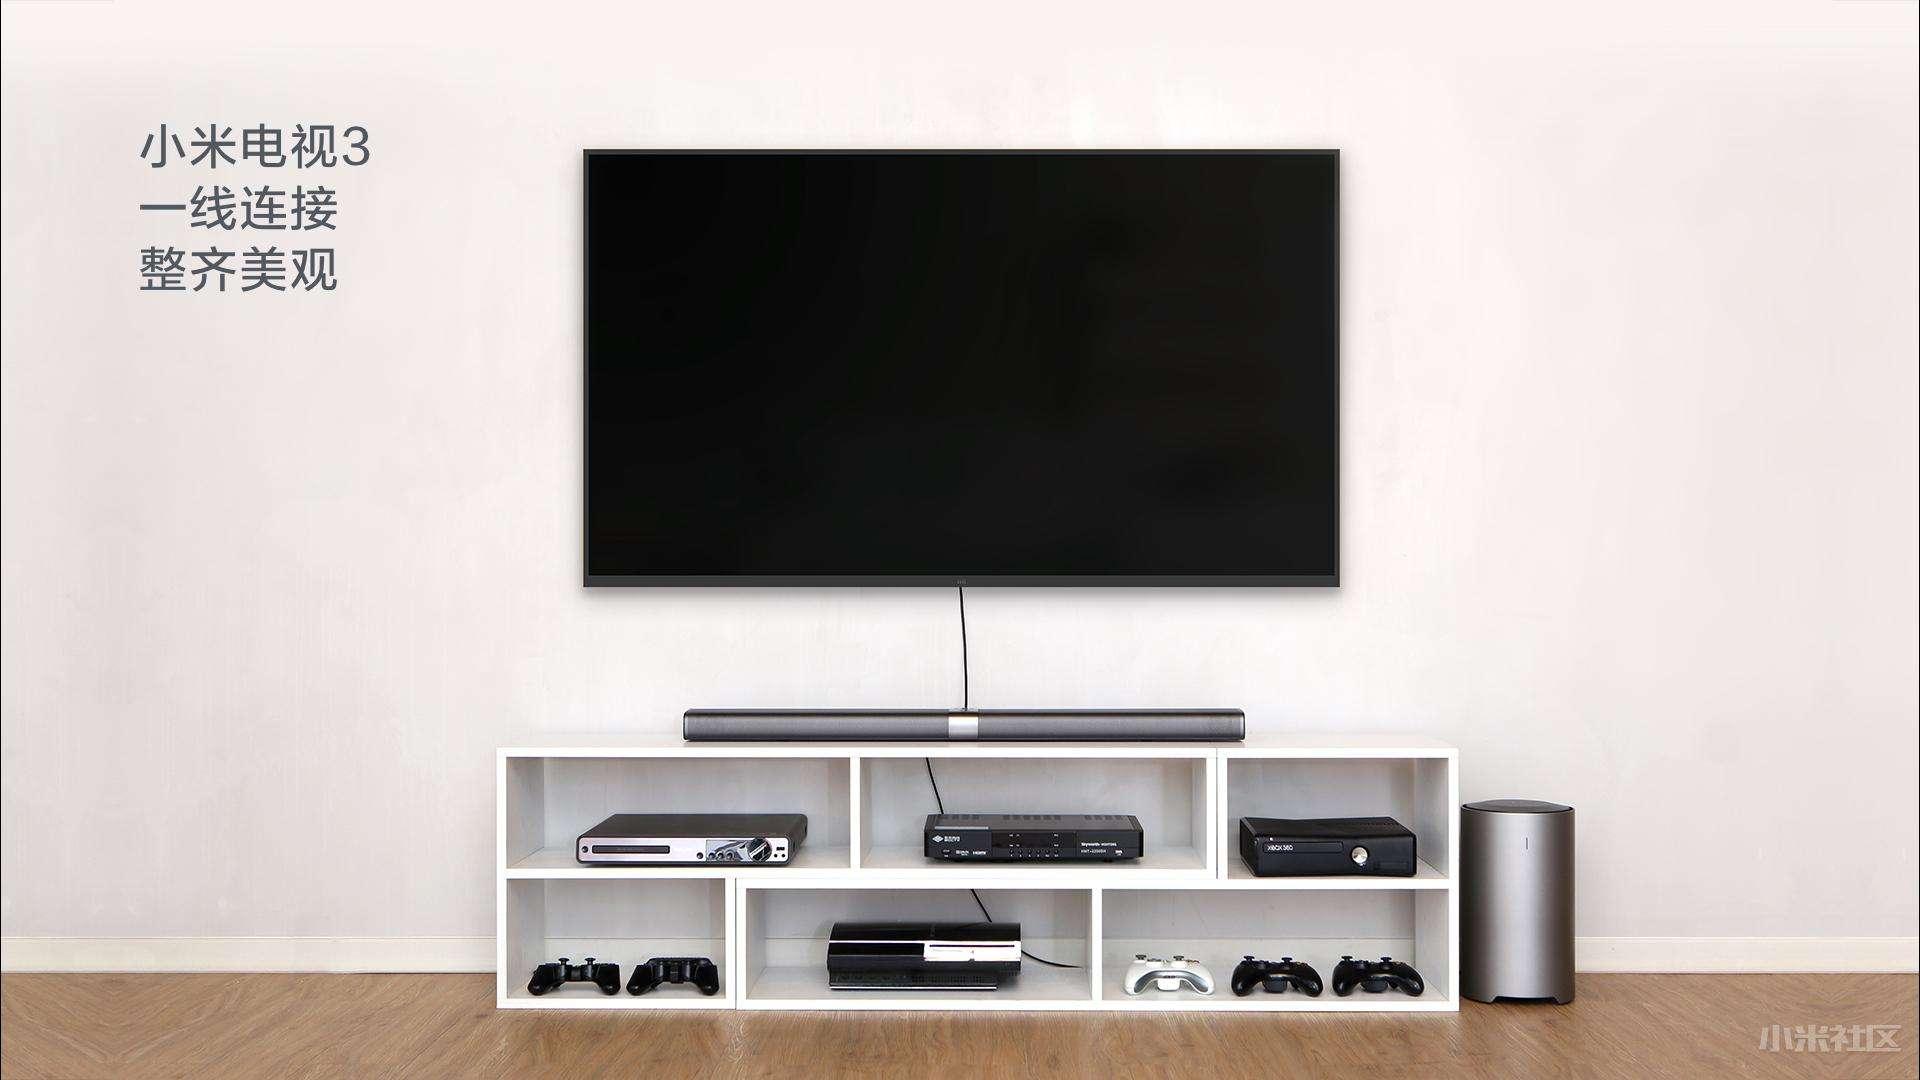 小米电视3 70英寸通过U盘安装第三方应用教程